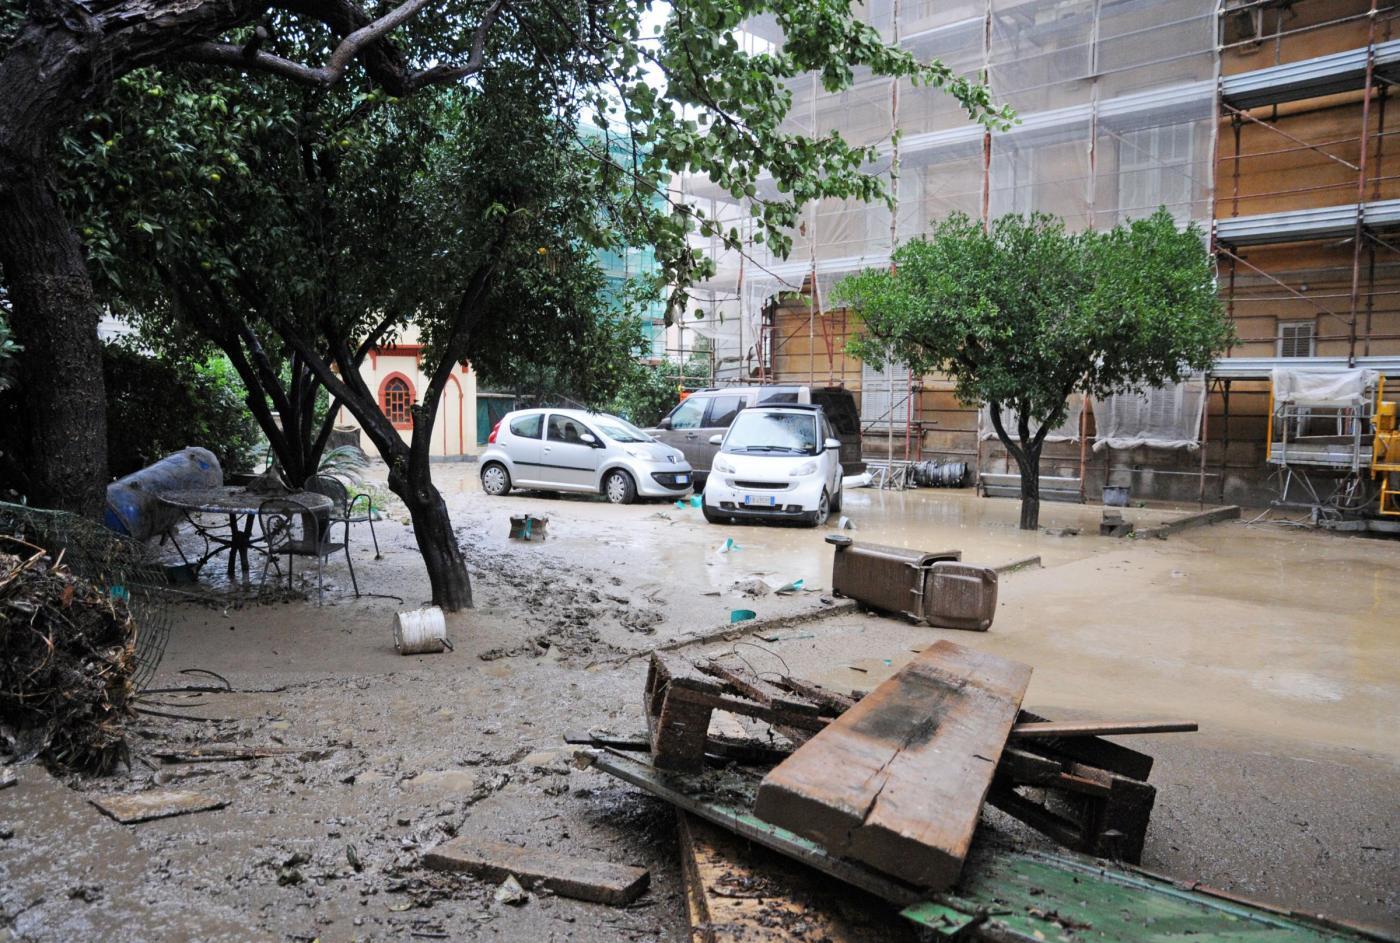 Maltempo, Chiavari gravemente colpita da acqua e fango